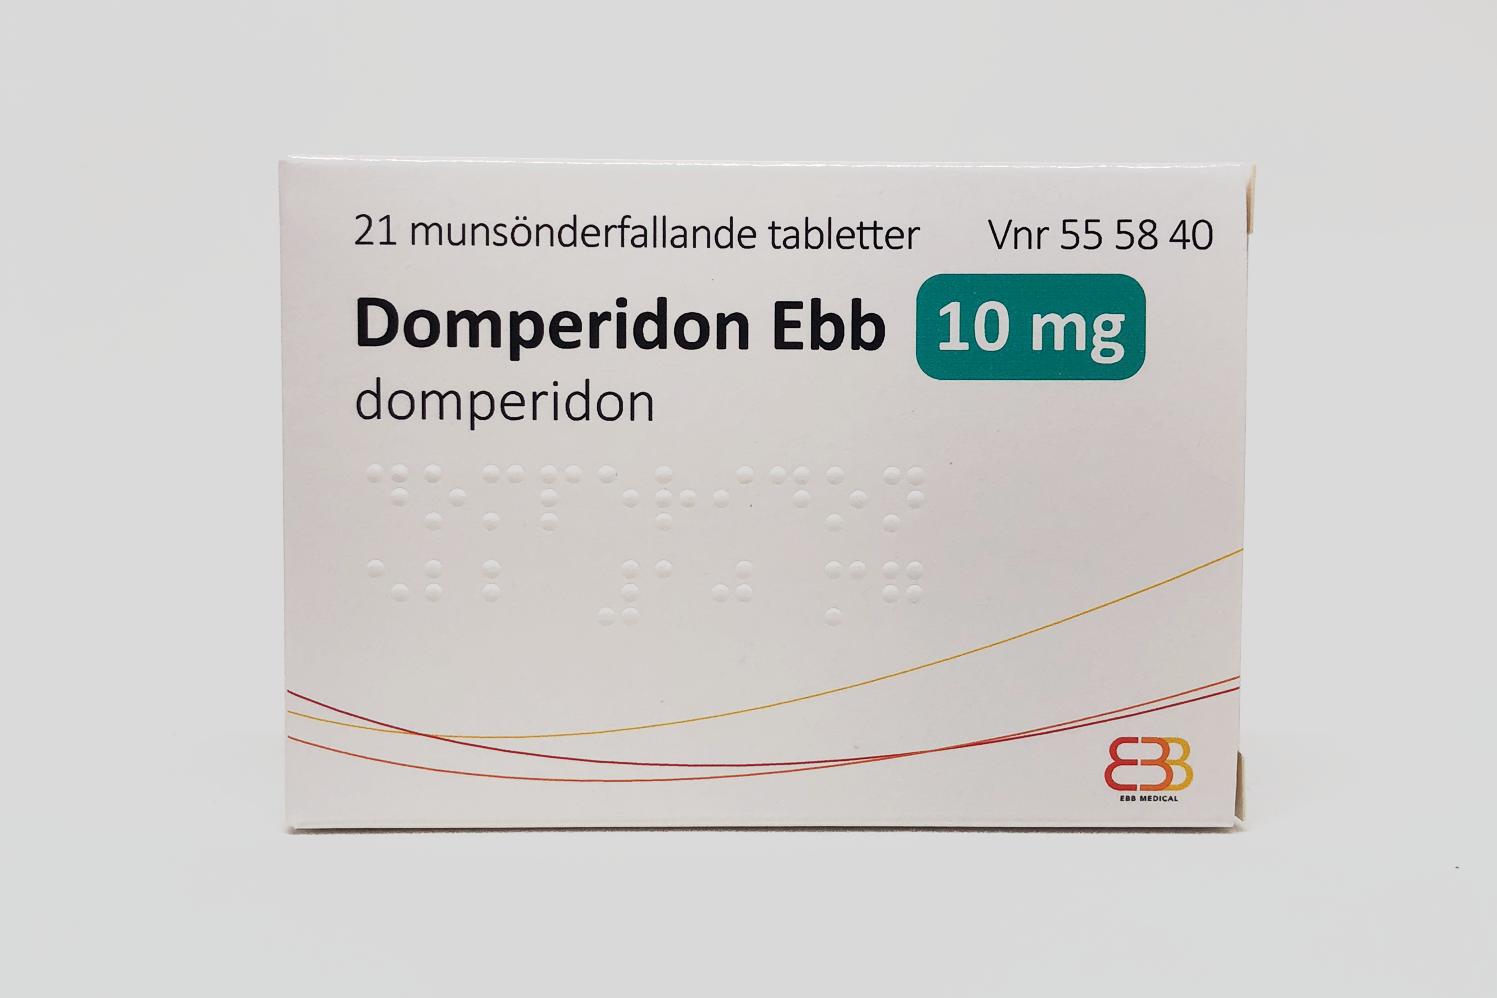 Våra läkemedel - Information om våra receptbelagda läkemedel.